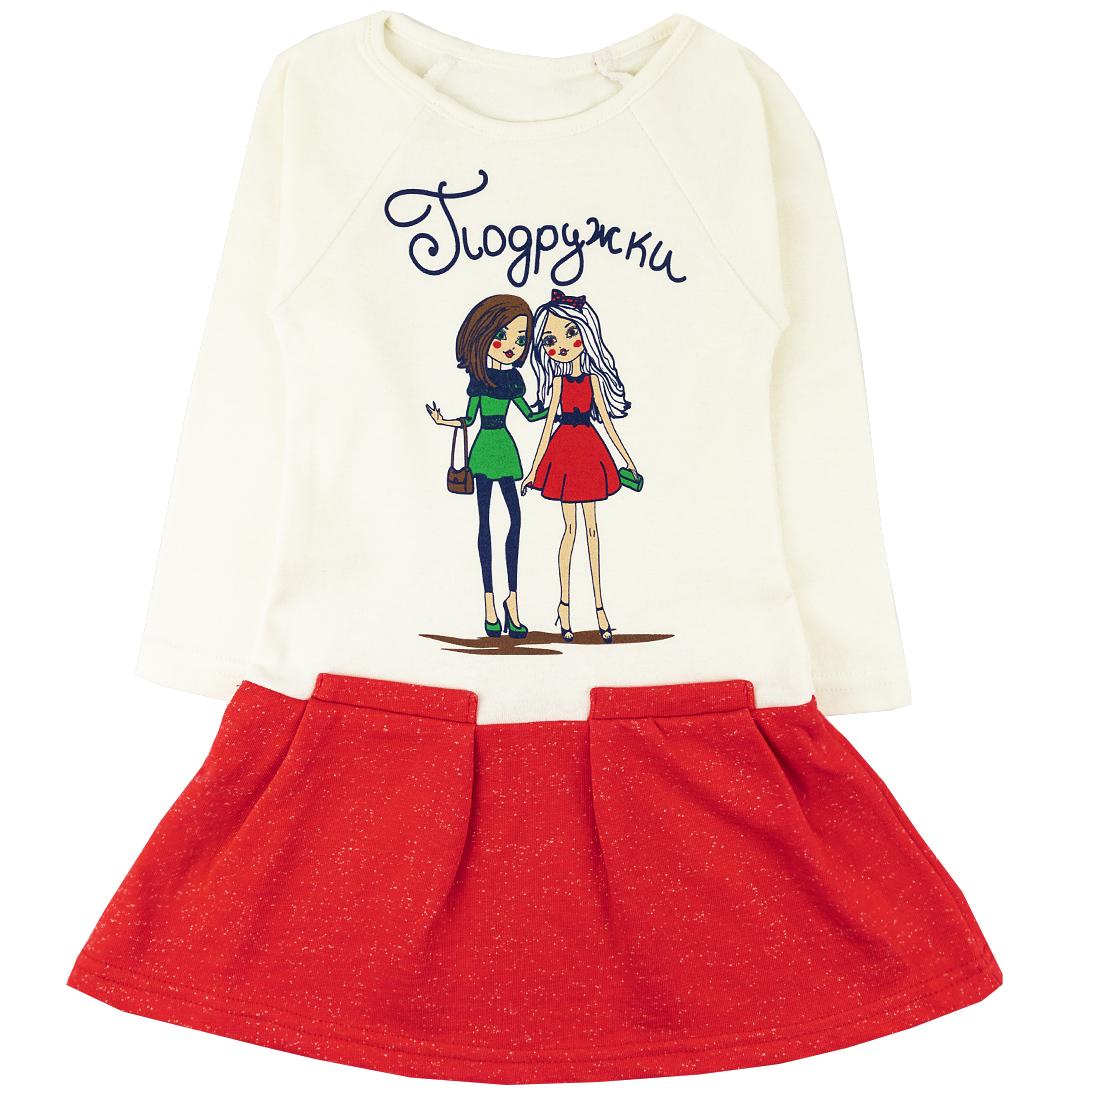 Купить 563фд/и ап, Платье детское Юлла, цв. белый р. 92, Платья для новорожденных